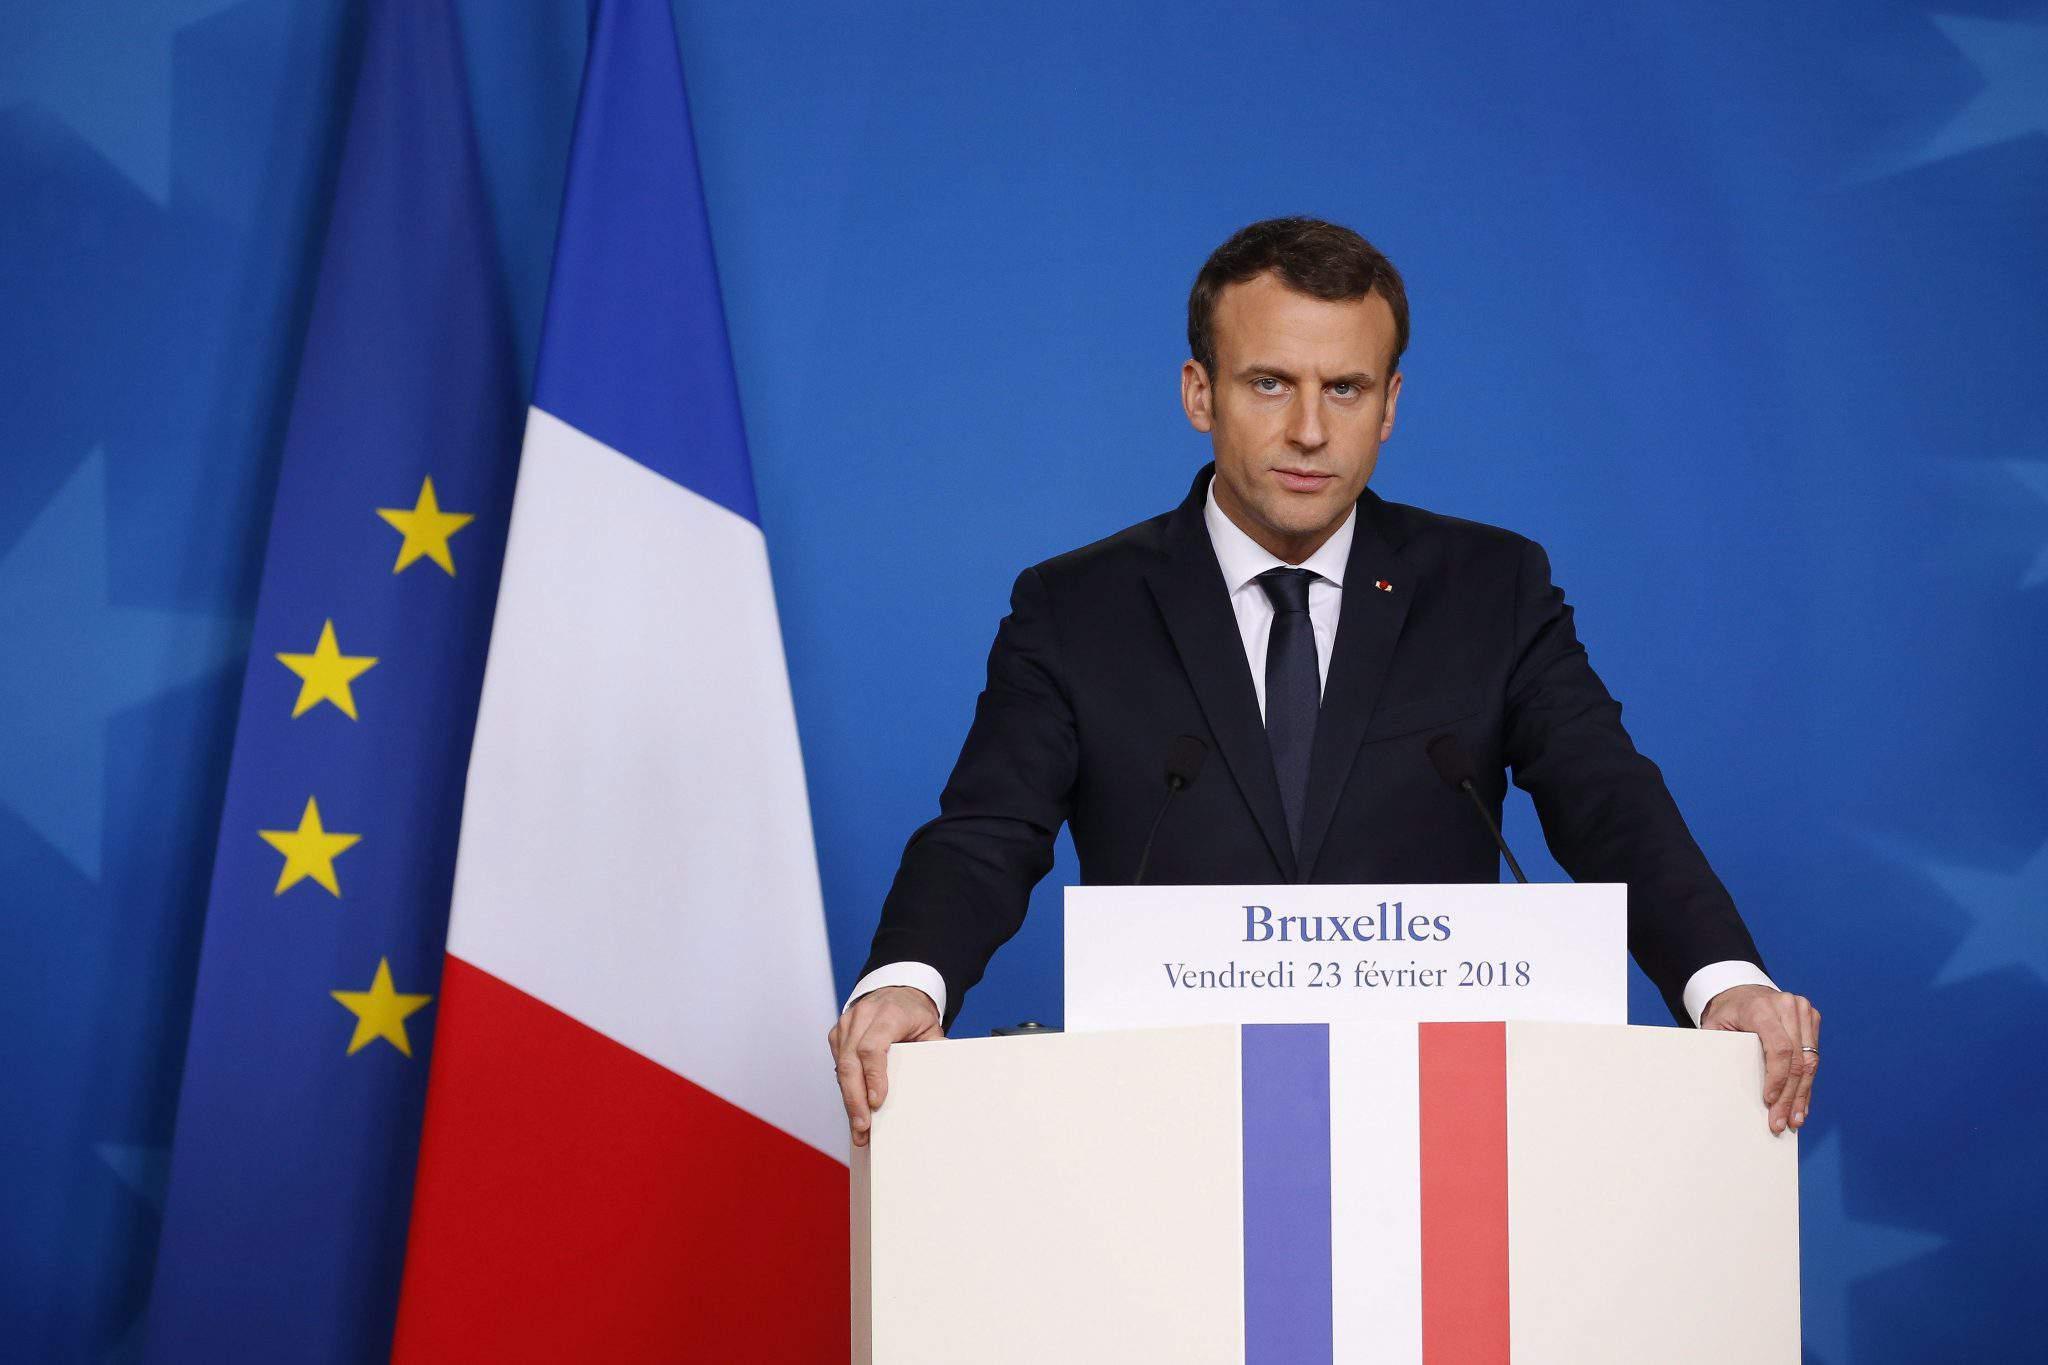 Emmanuel Macron election2018 EU